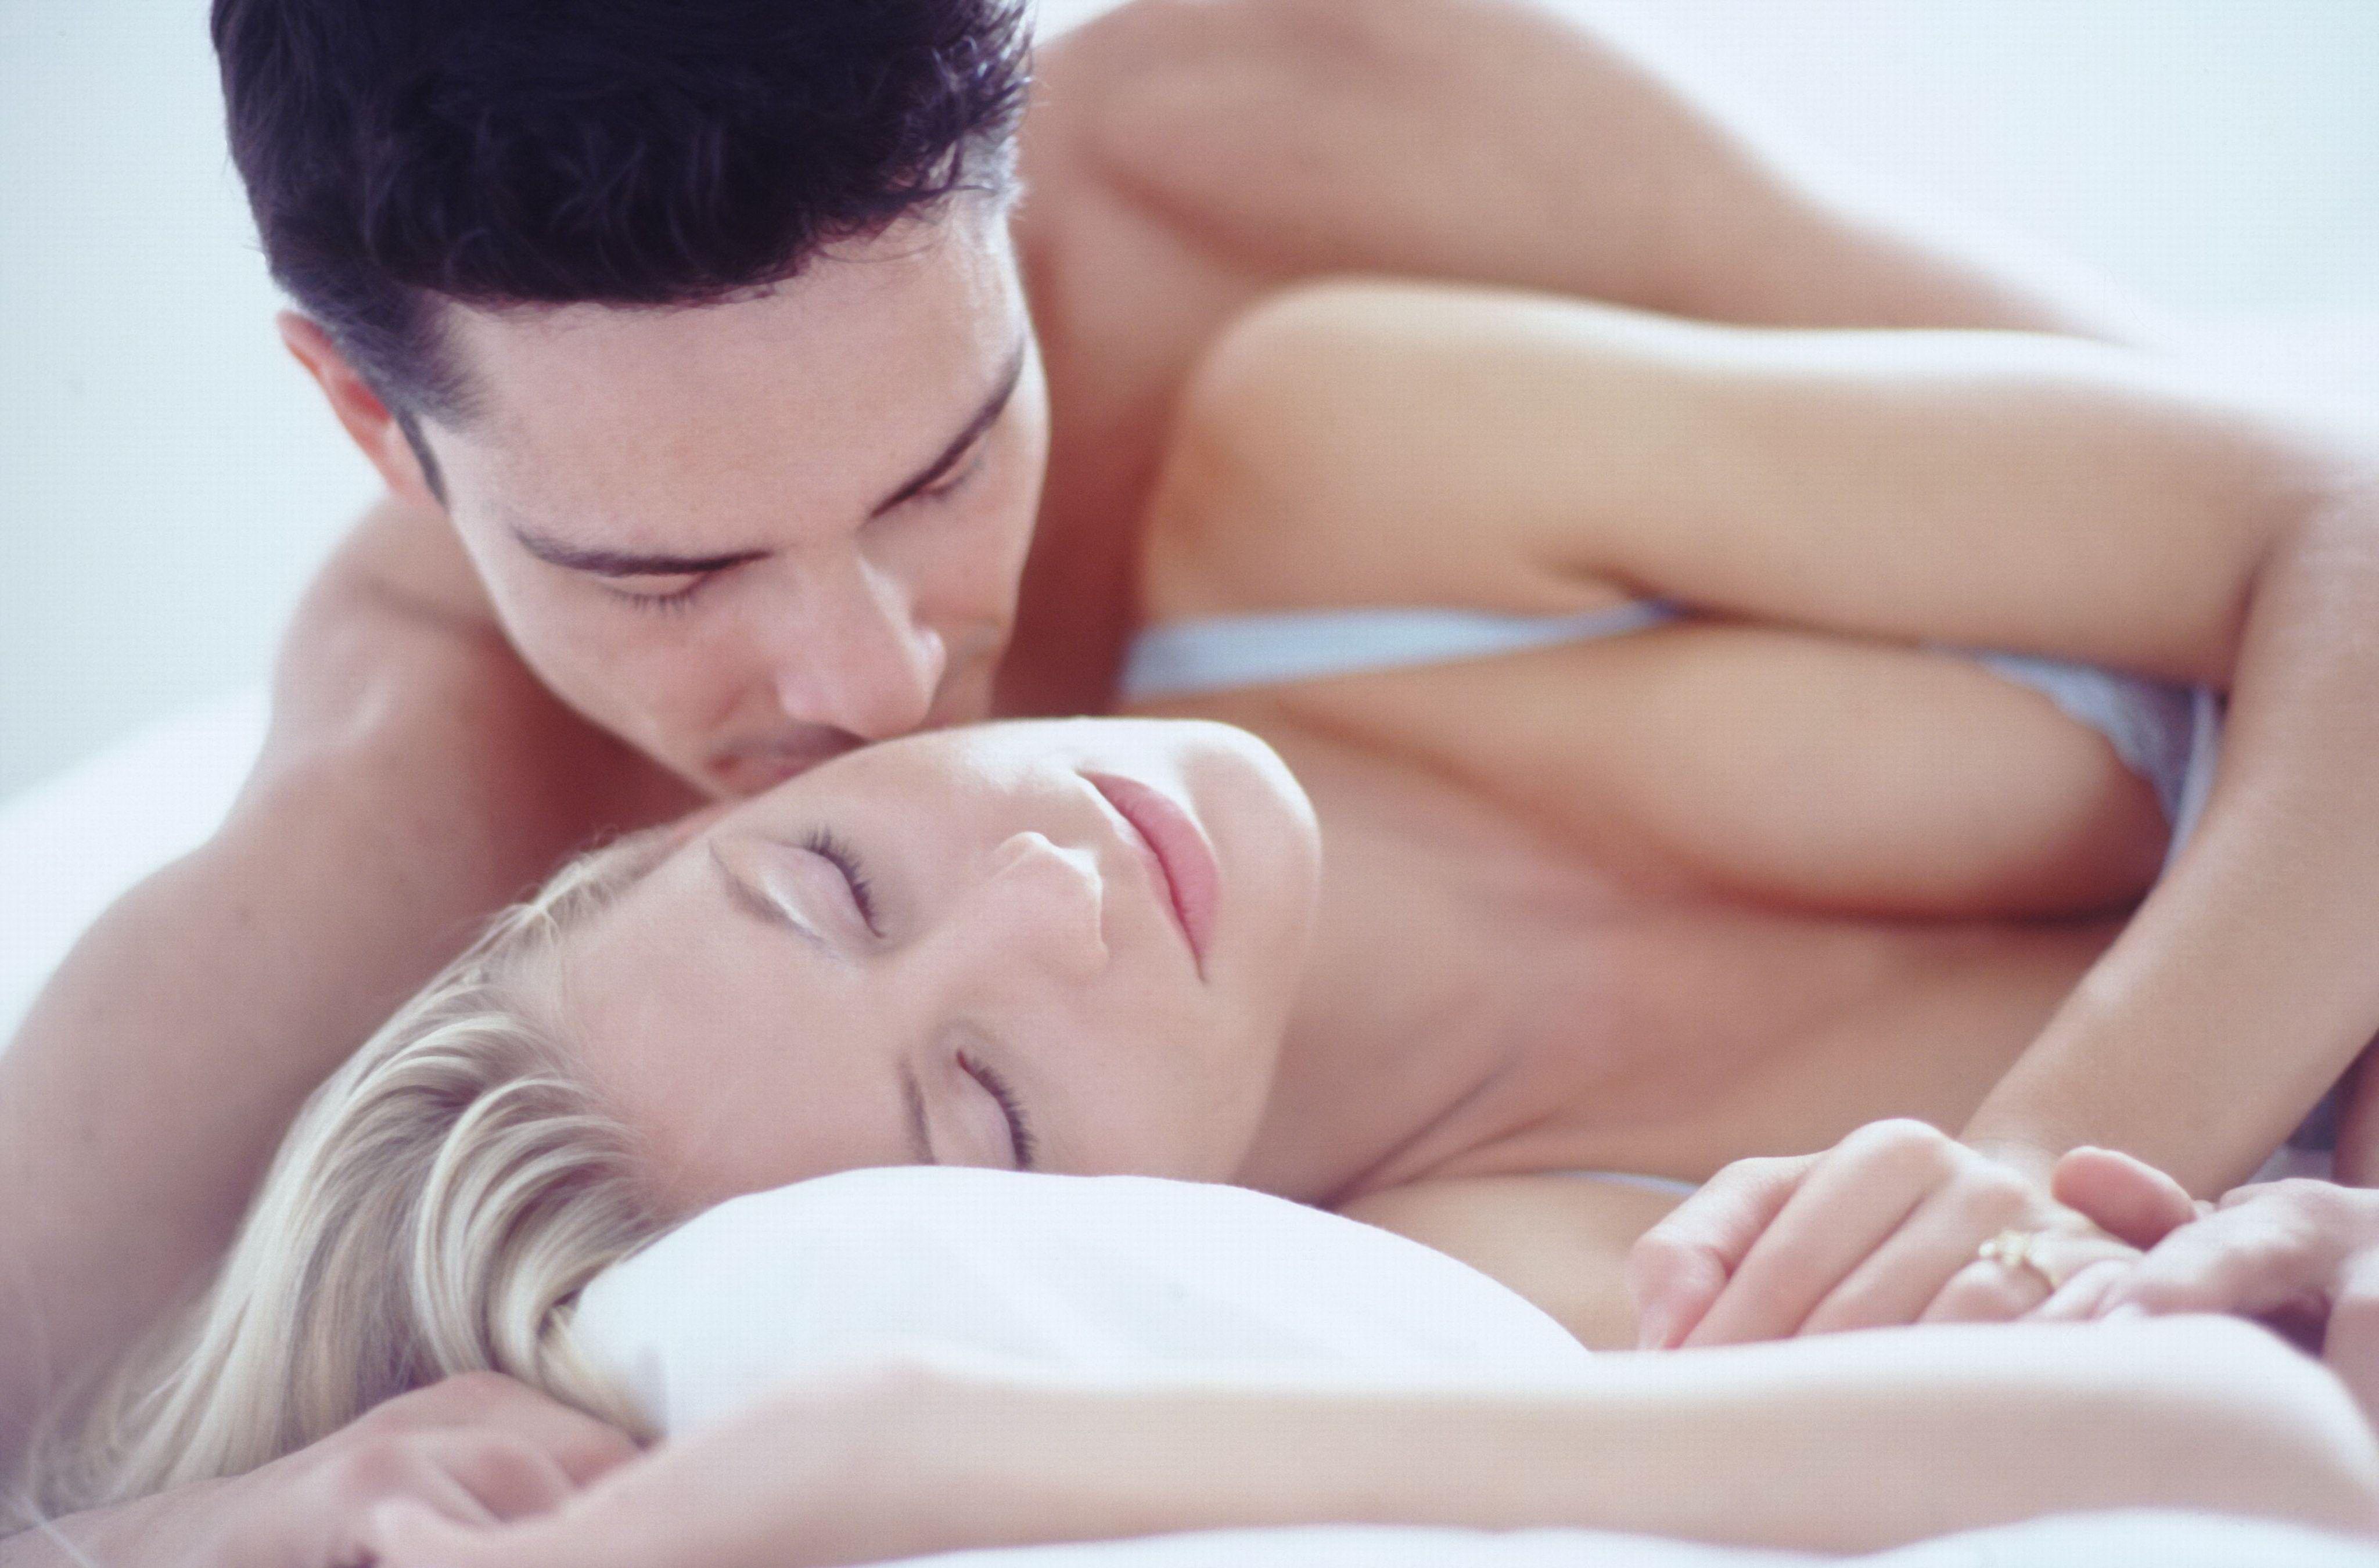 Стихи самой сексуальной девушке, Эротические пошлые стишки для любимой девушки 16 фотография